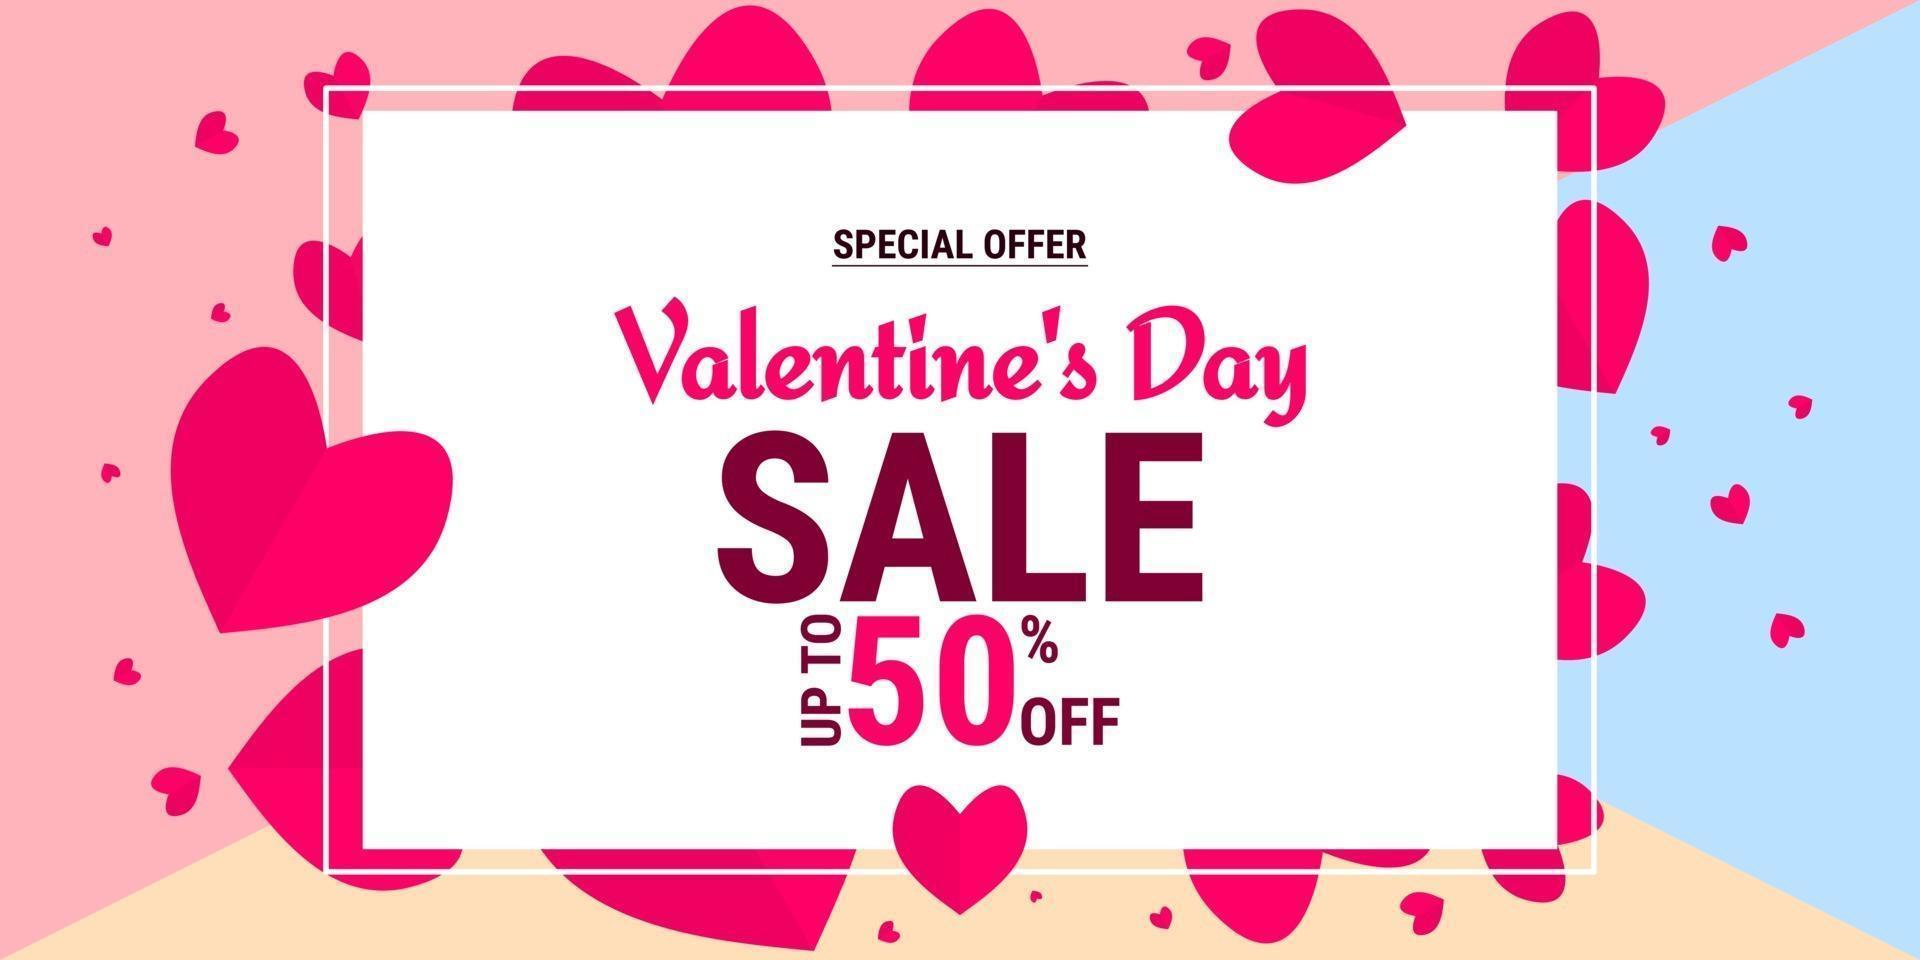 vendita offerta speciale di san valentino vettore